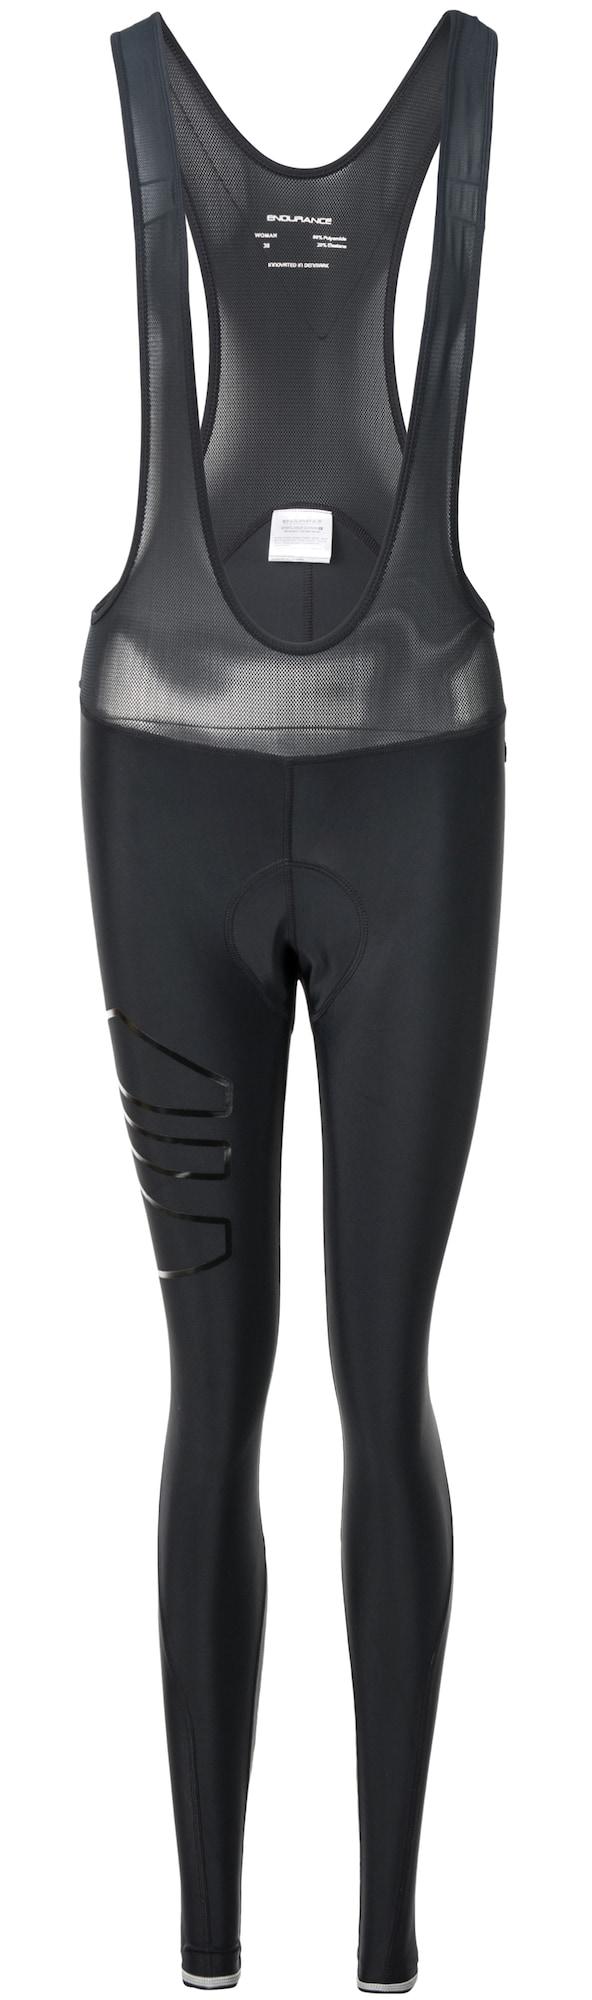 Radhose Jayne Long mit extra weichem Polster | Sportbekleidung > Sporthosen > Fahrradhosen | Schwarz | ENDURANCE